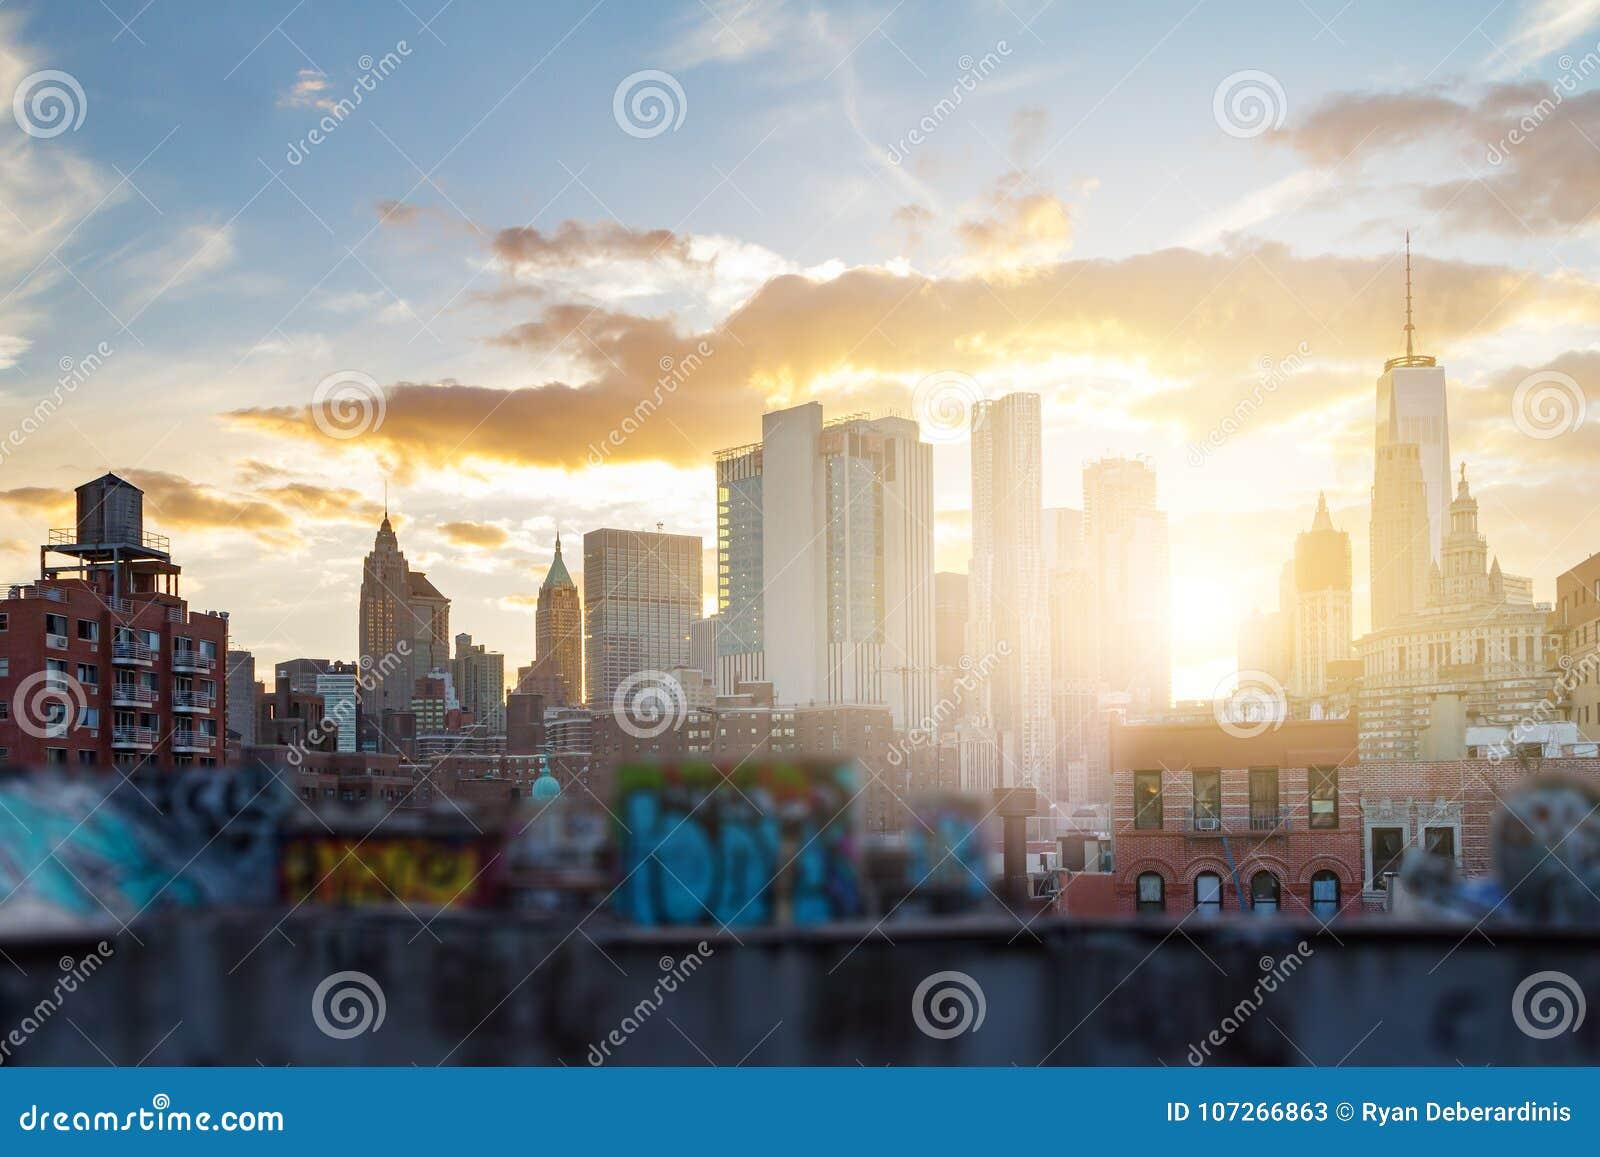 La pintada cubrió edificios de New York City